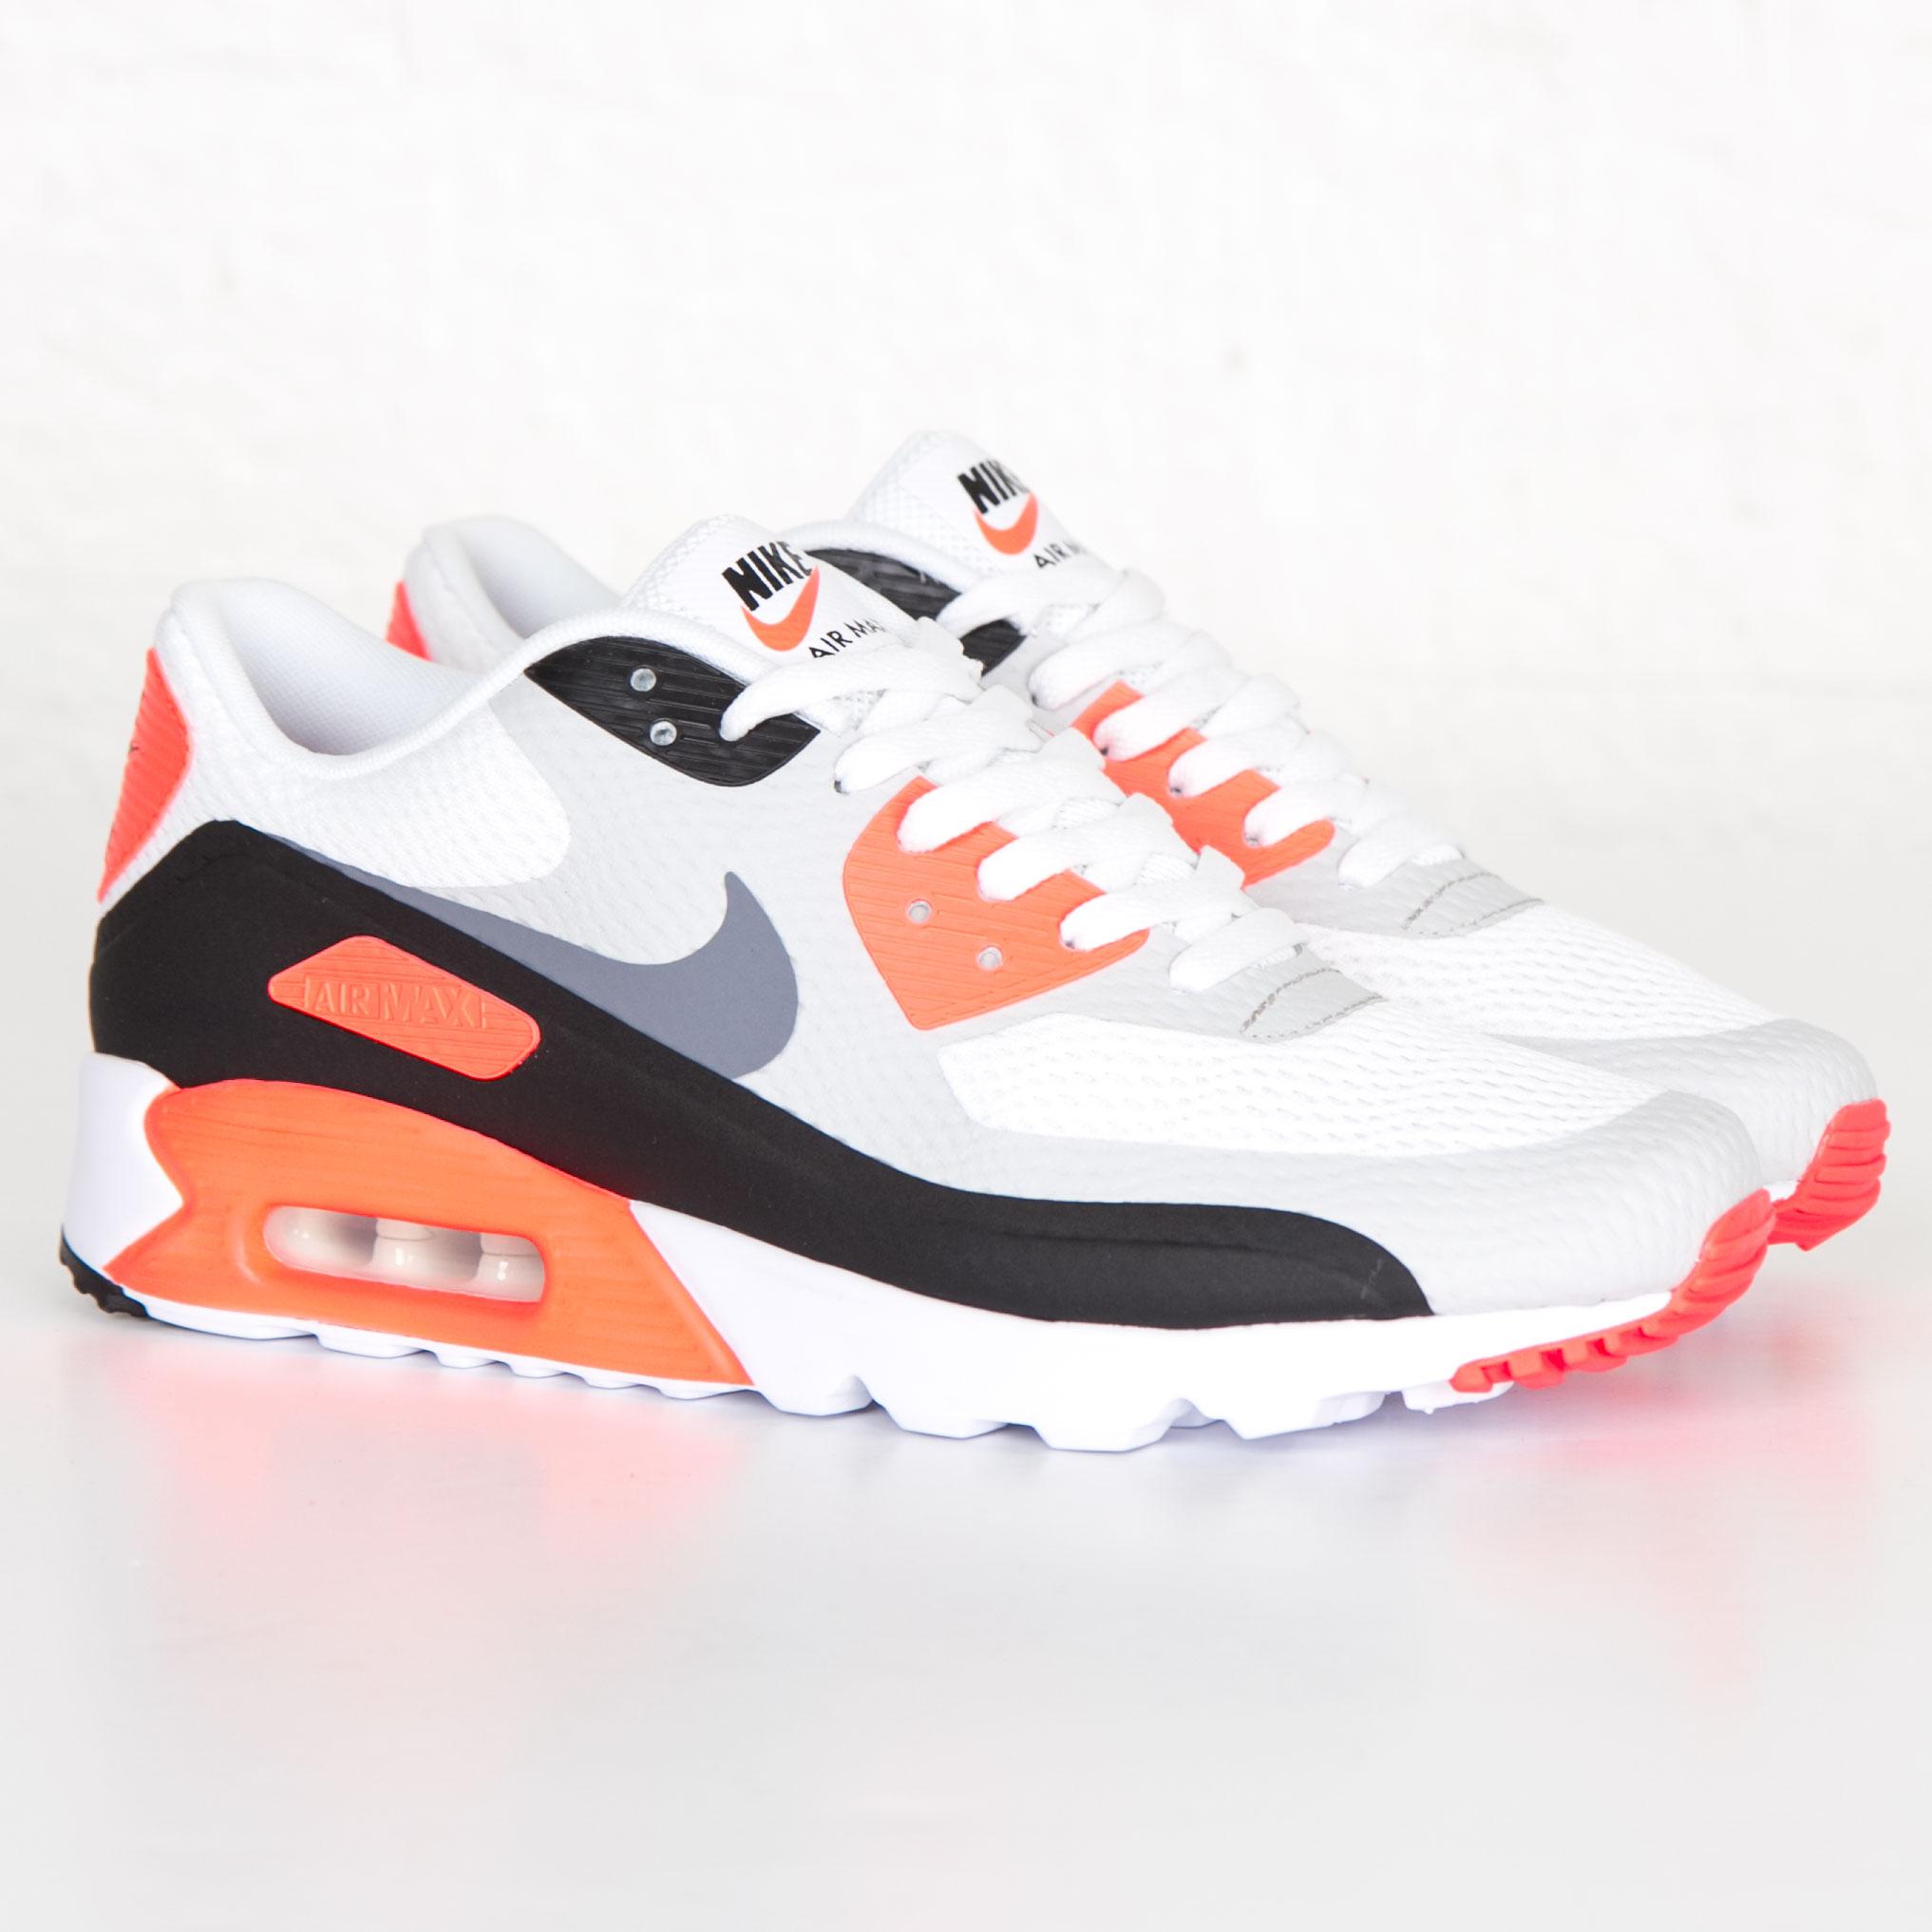 Nike Air Max 90 Ultra Essential 819474 106